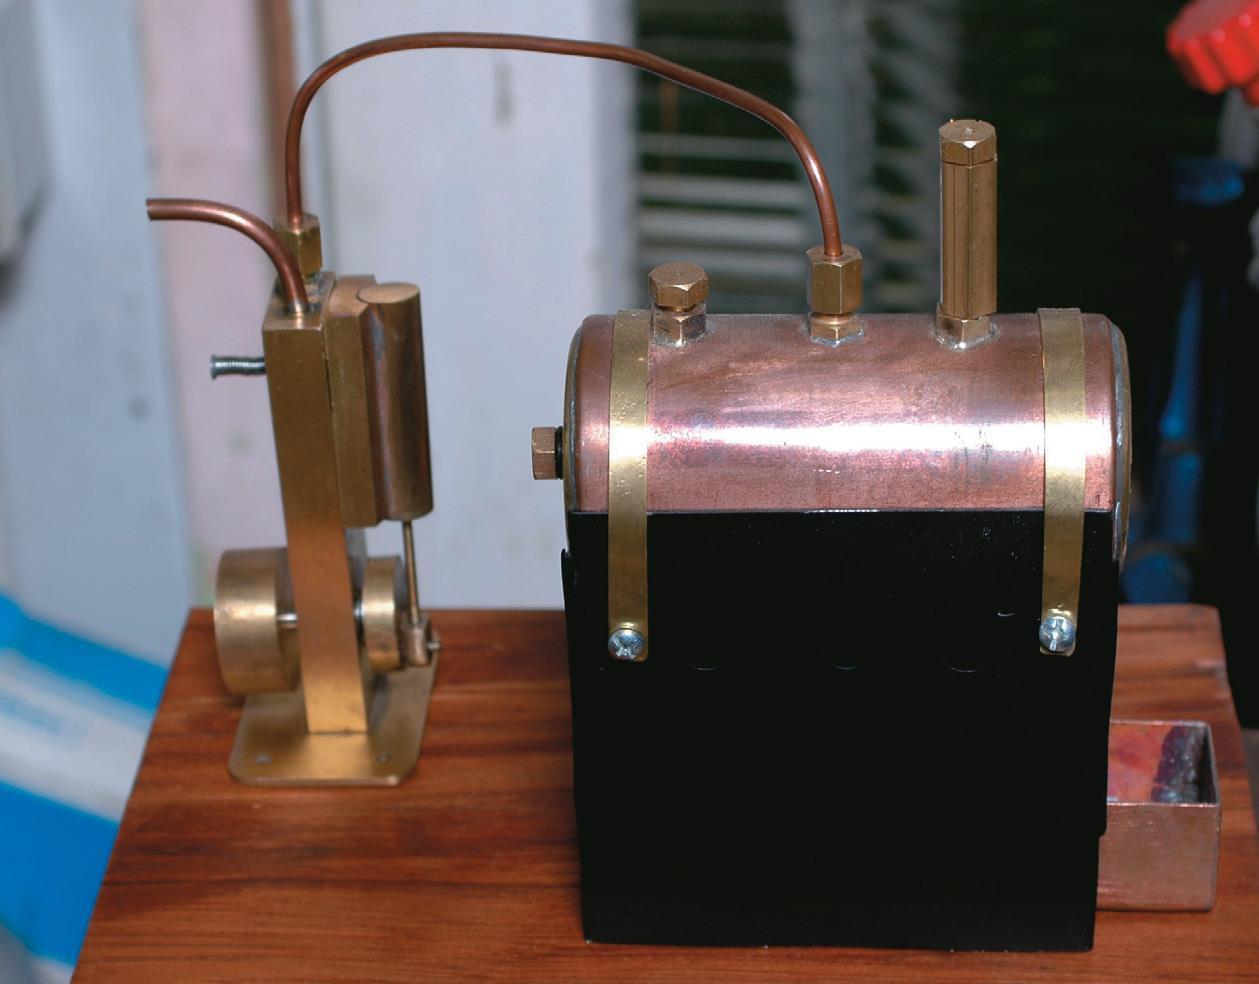 The boiler .